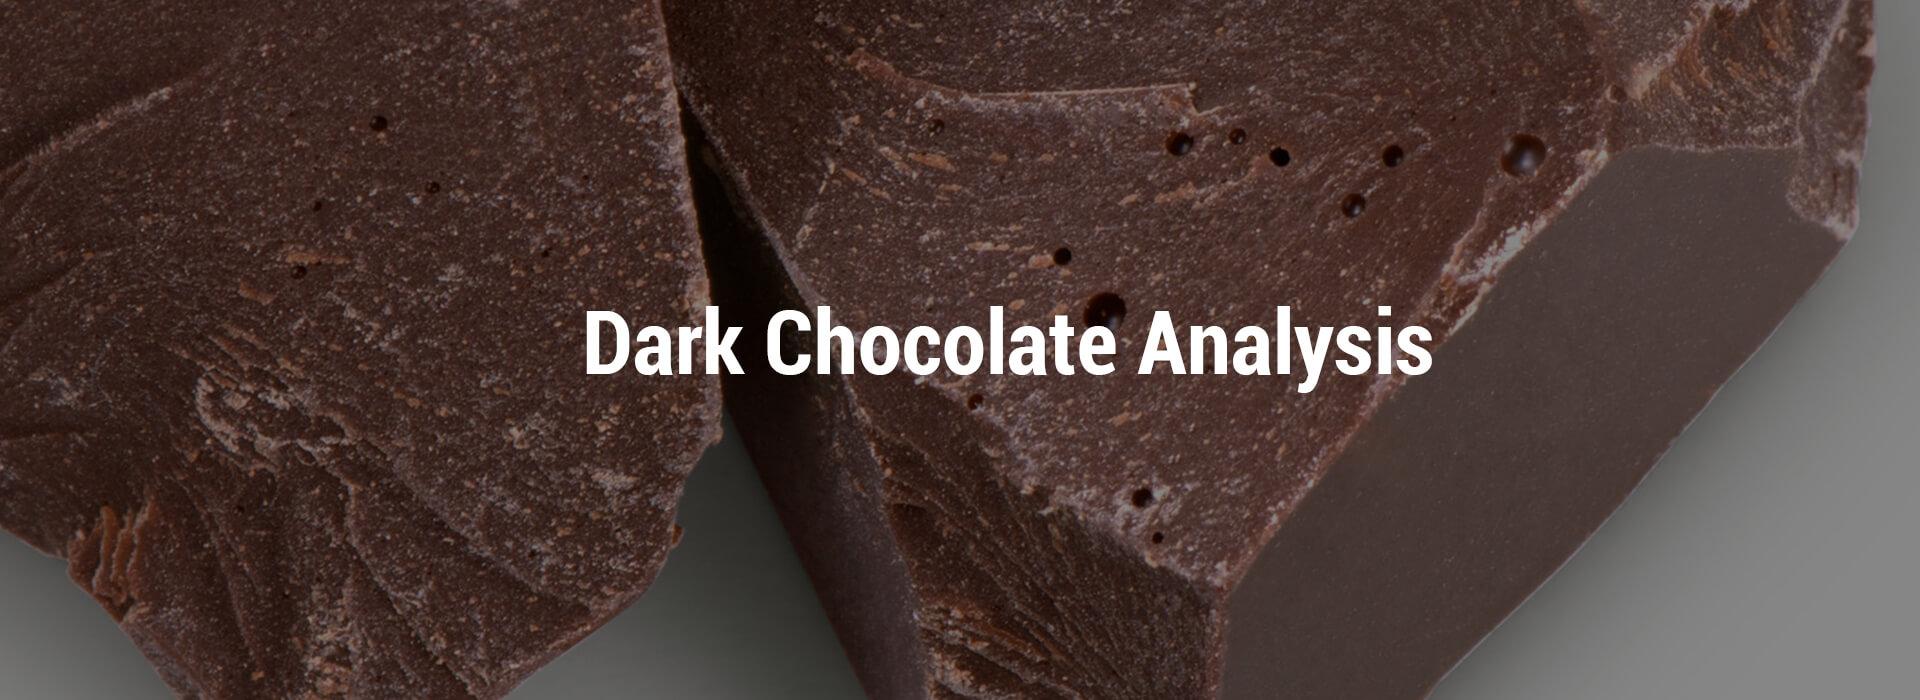 HS-dark-chocolate-header-1